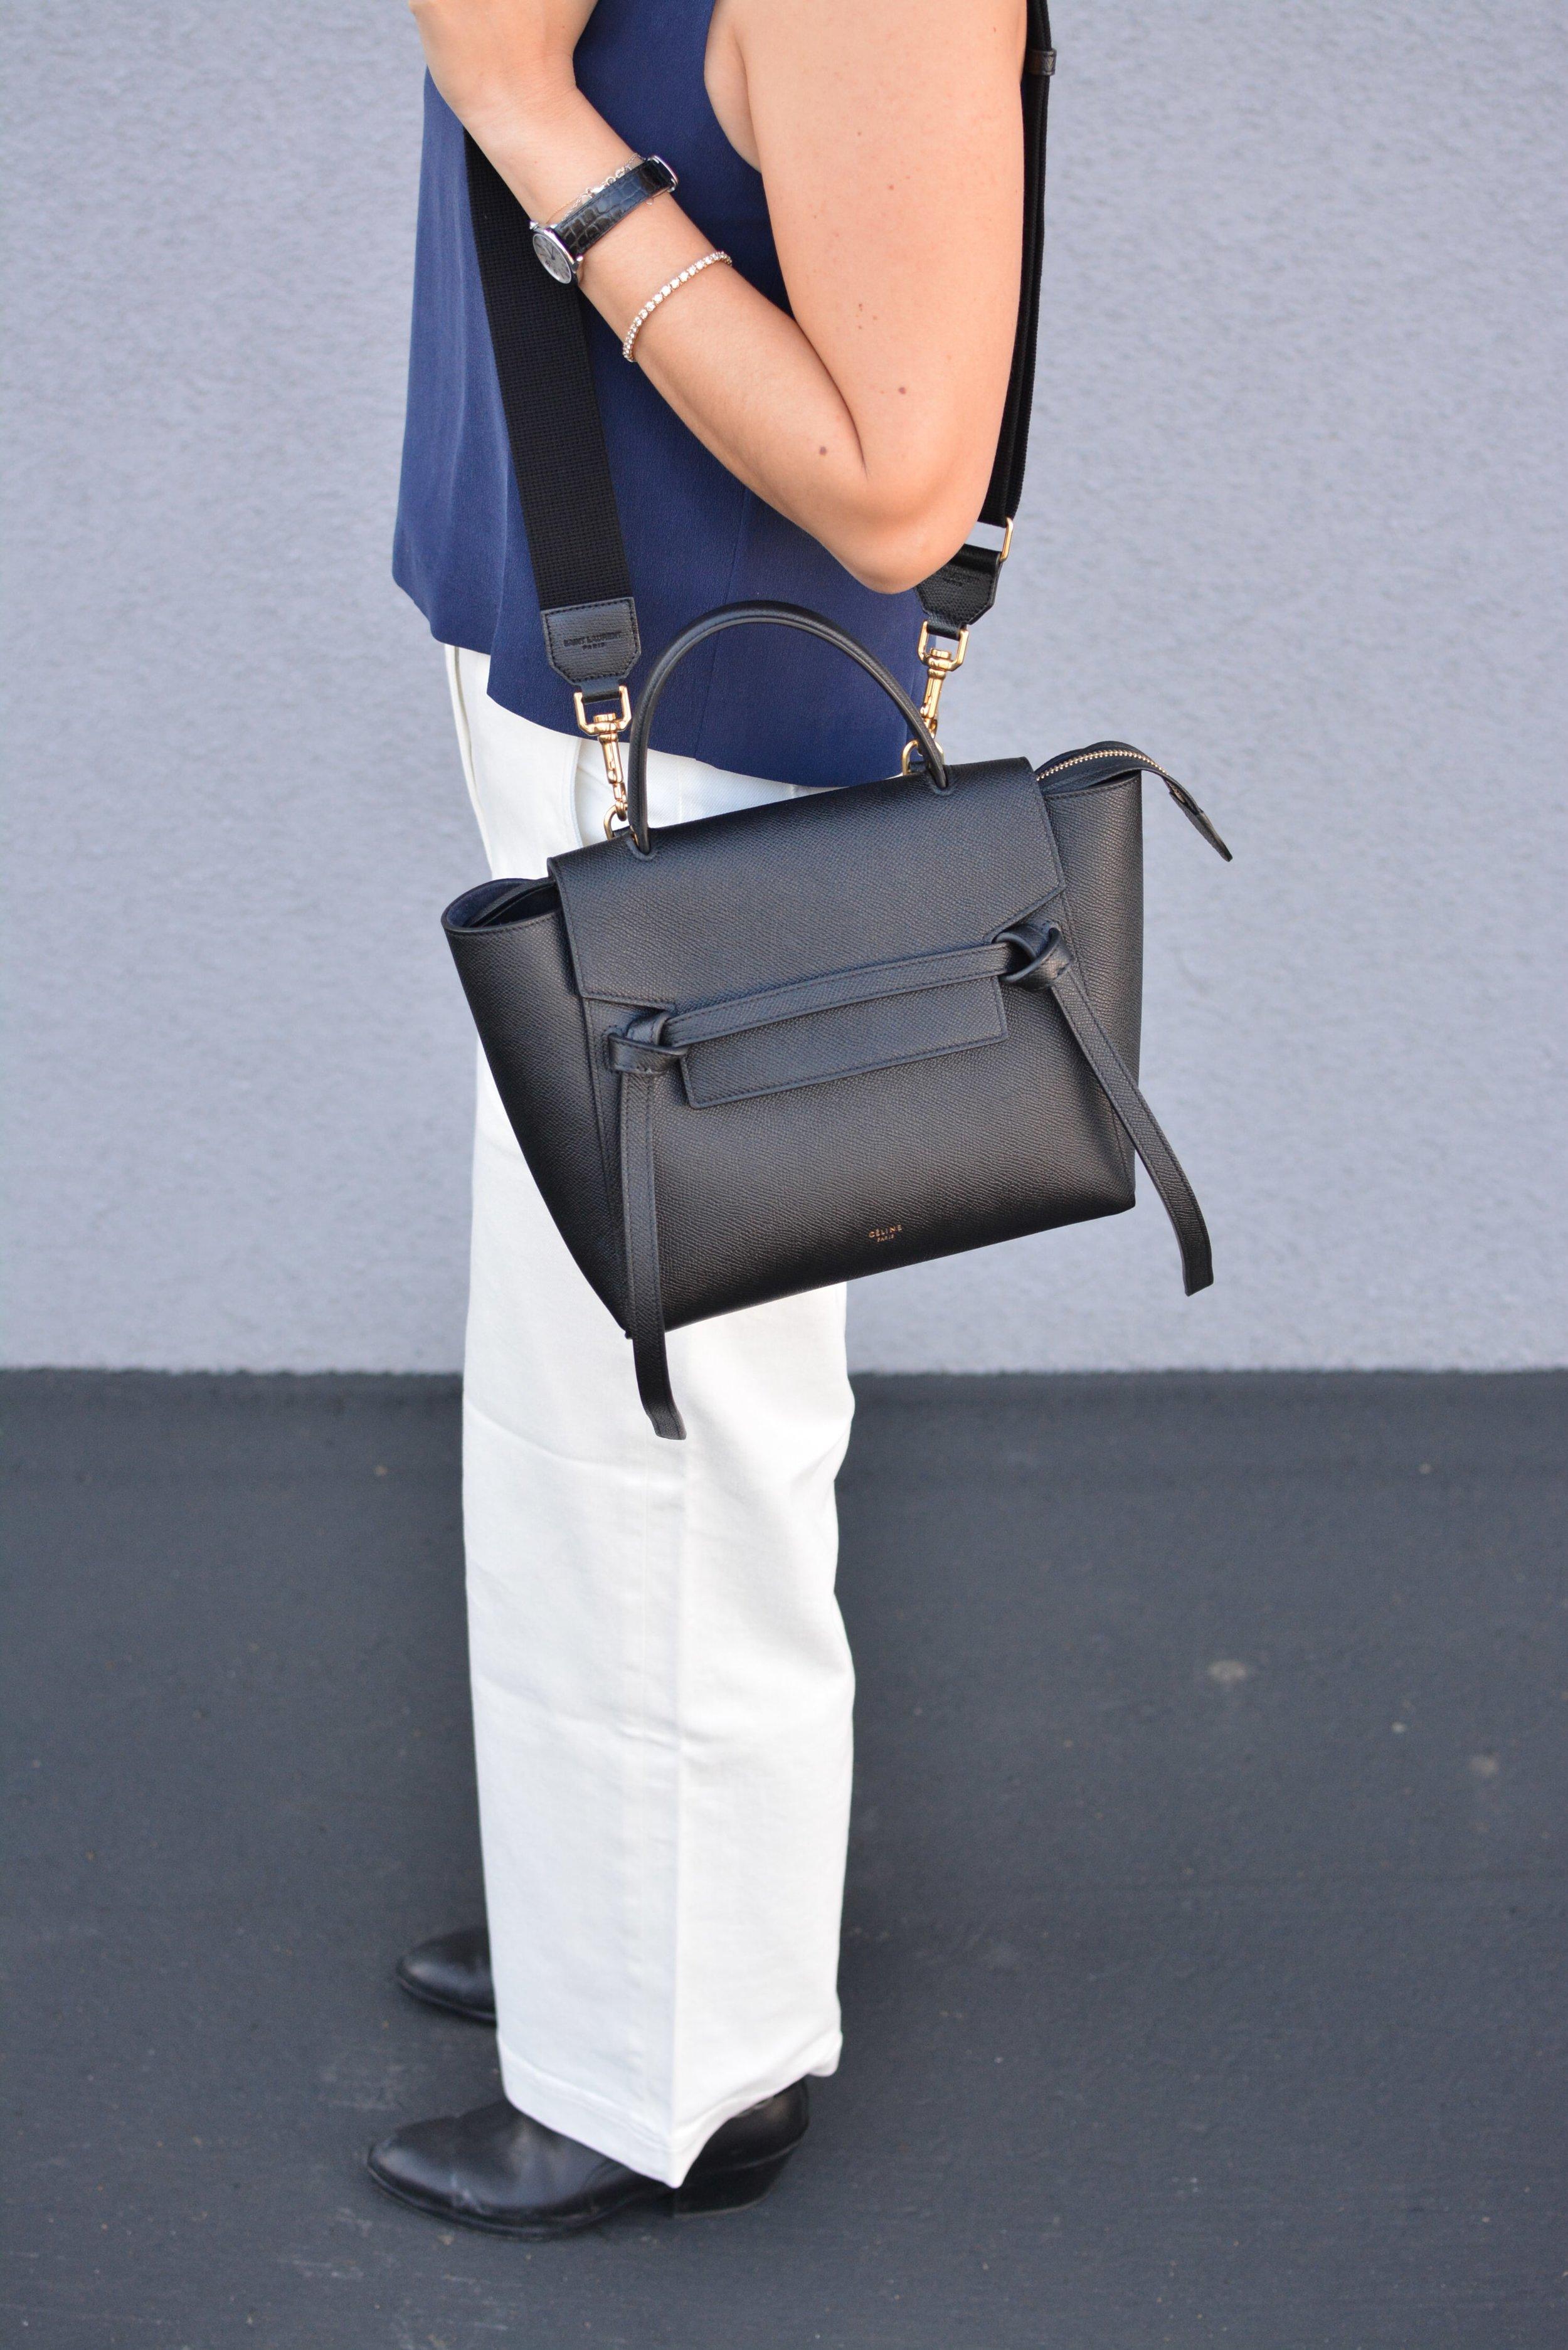 Celine Nano Belt Bag Review (1 of 1)-5-min.jpg